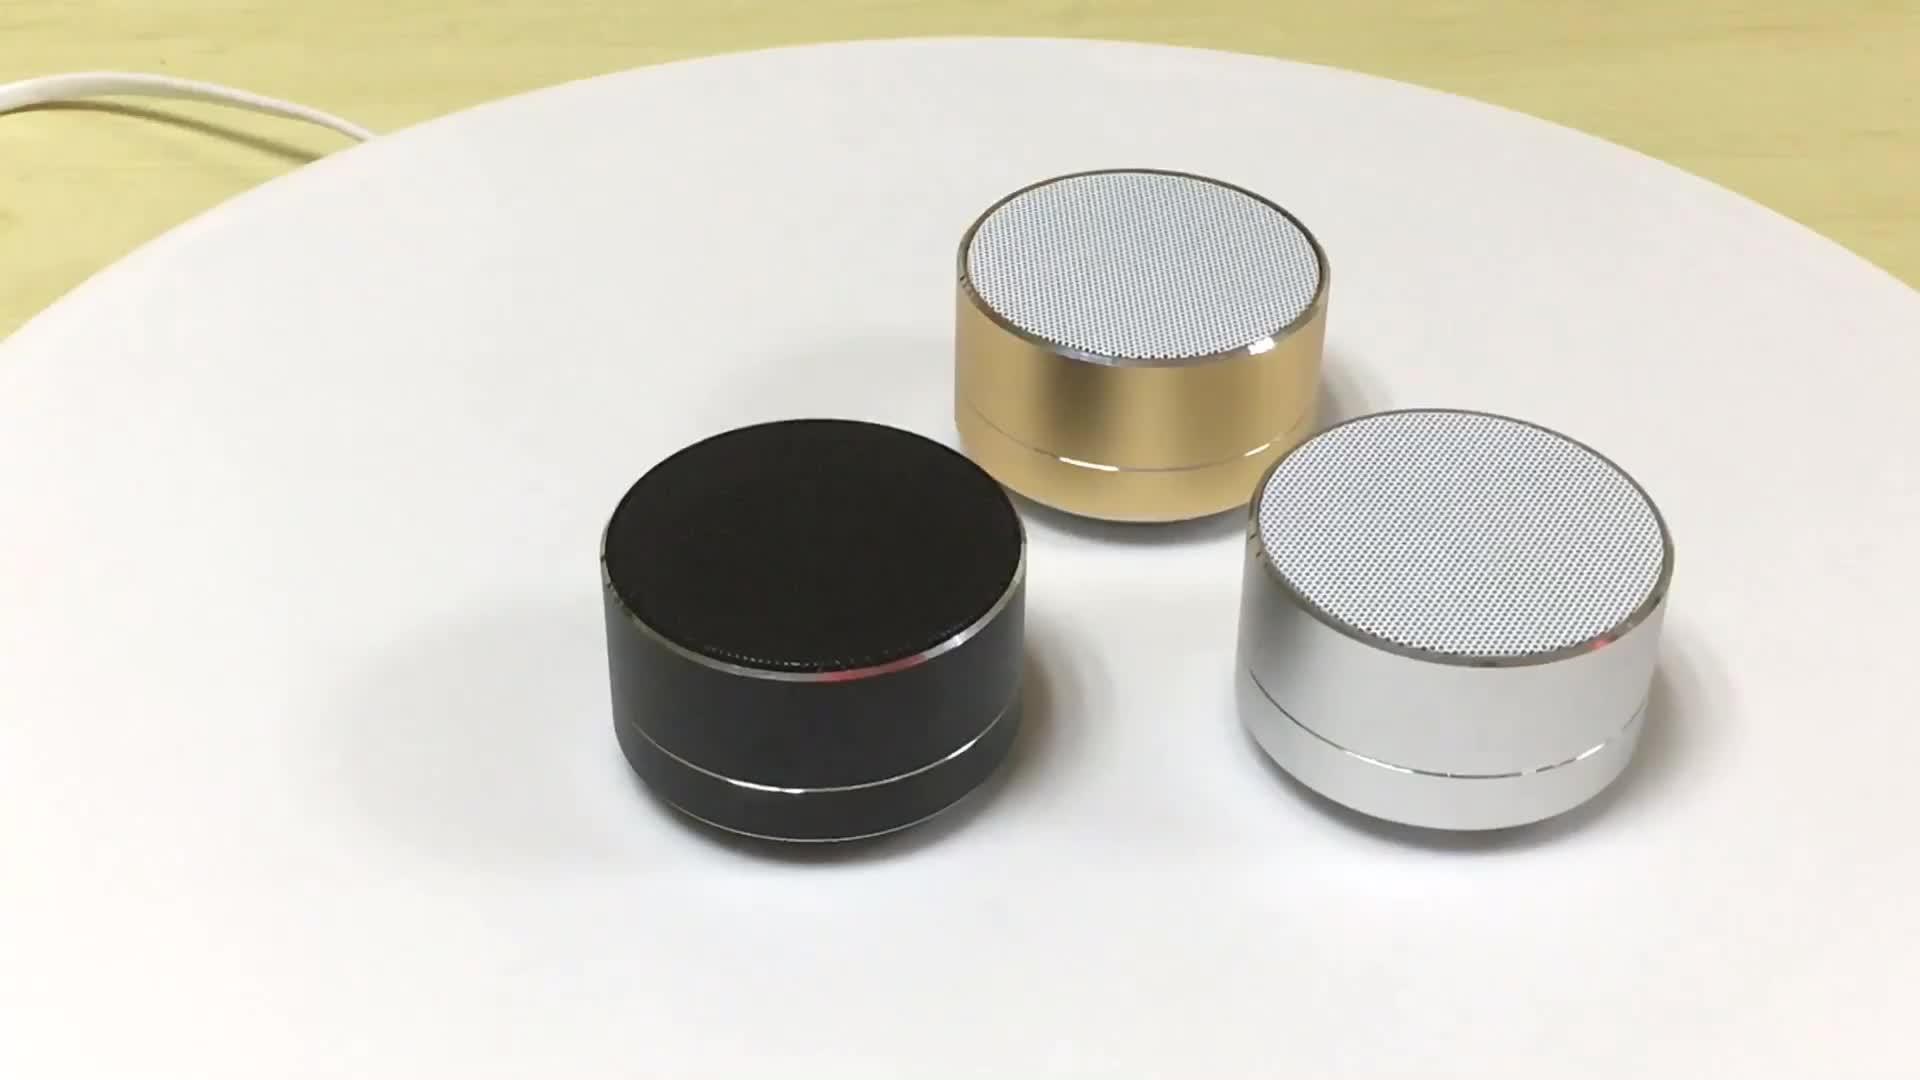 도매 (High) 저 (Quality A10 LED Round Mini Wireless 휴대용 Bluetooth 스피커